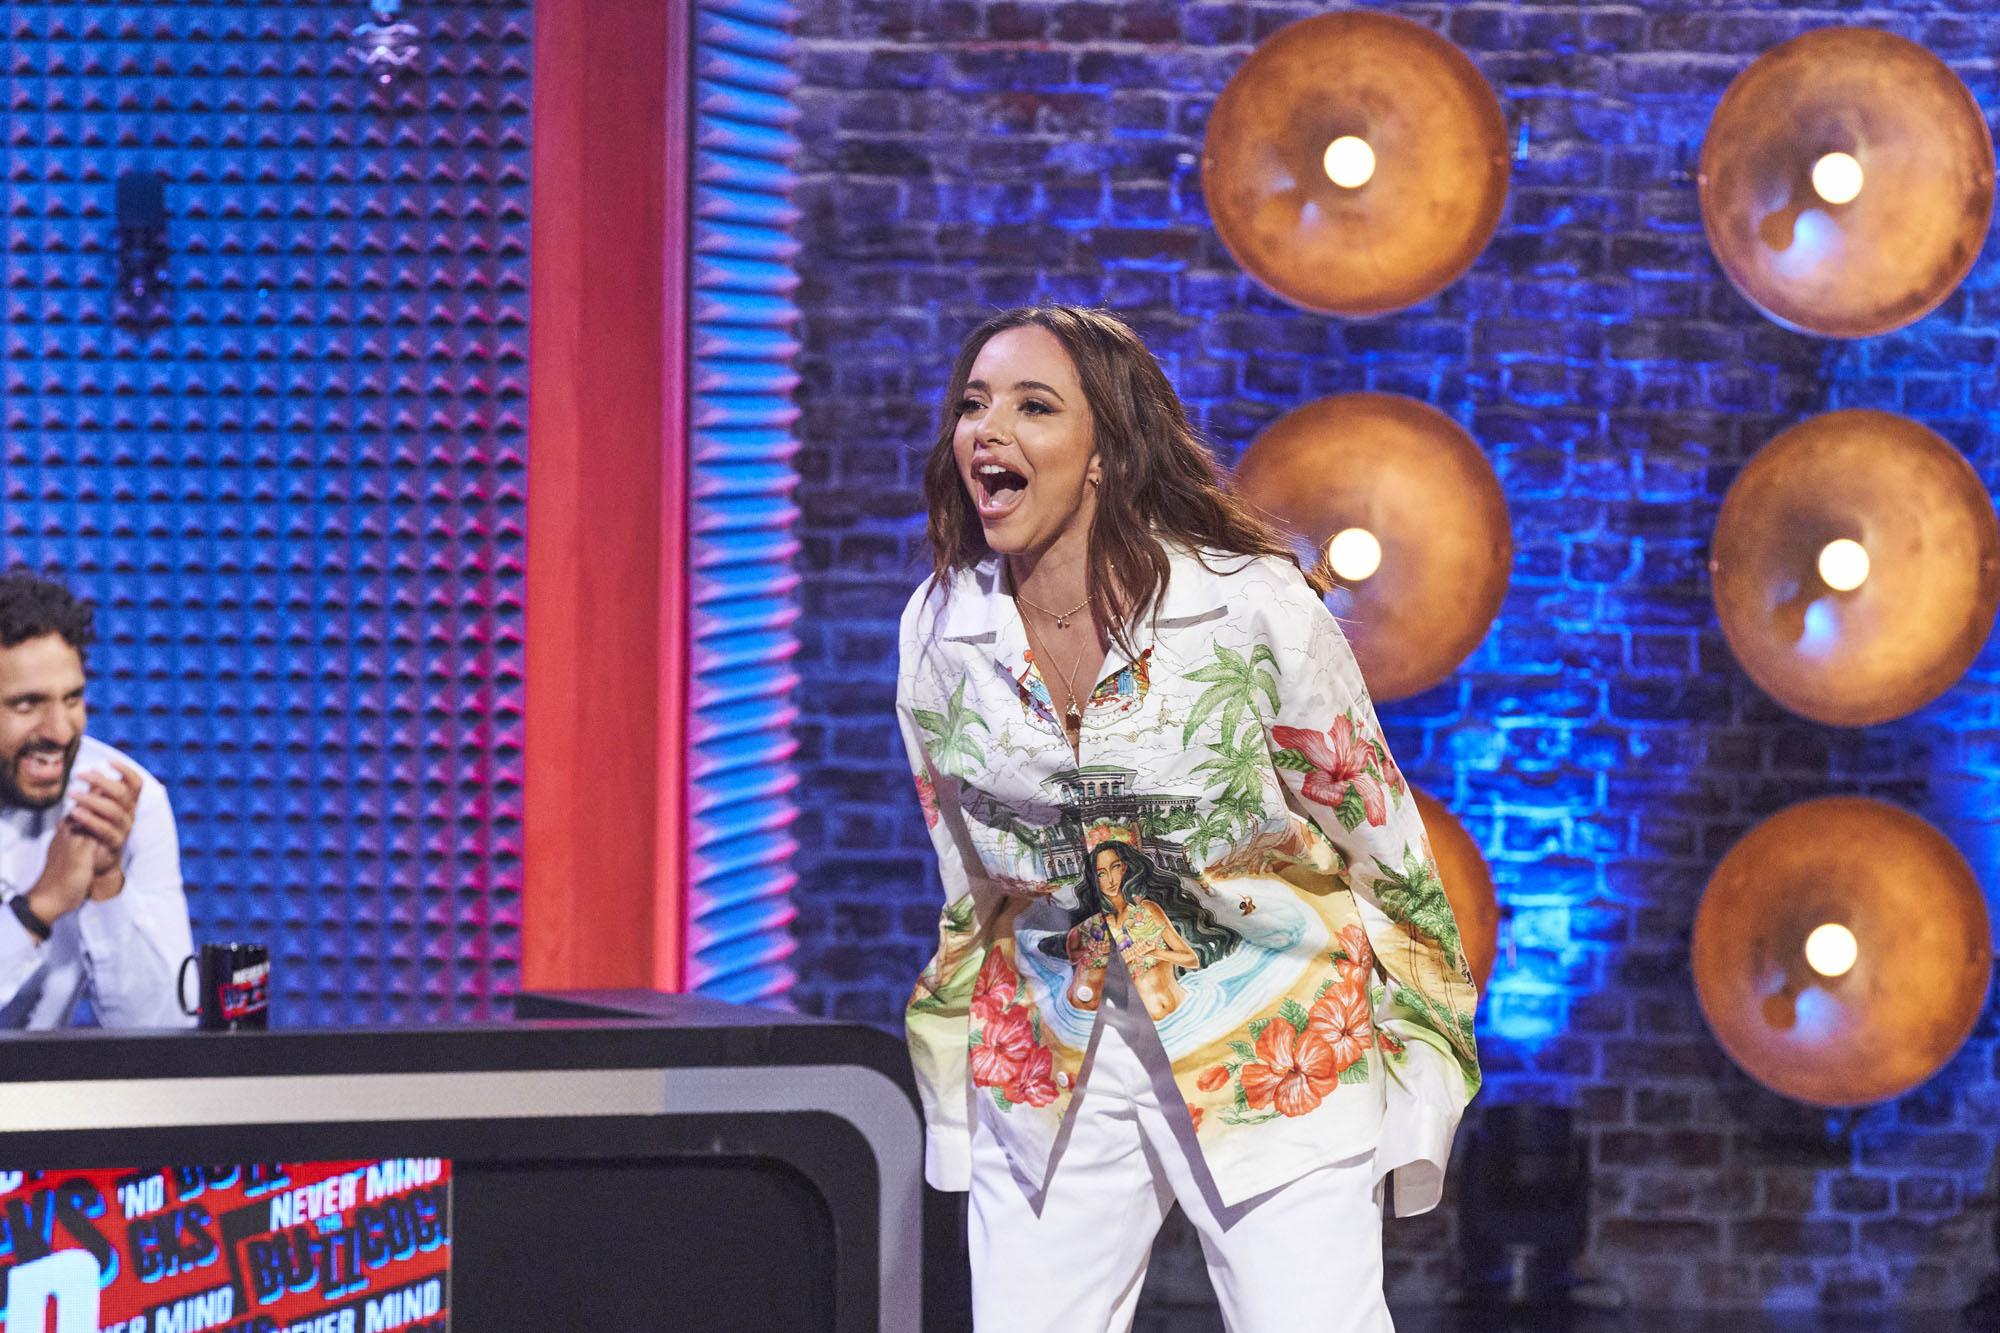 Jade Thirwell de Little Mix es la estrella invitada en el episodio uno de Never Mind The Buzzcocks.